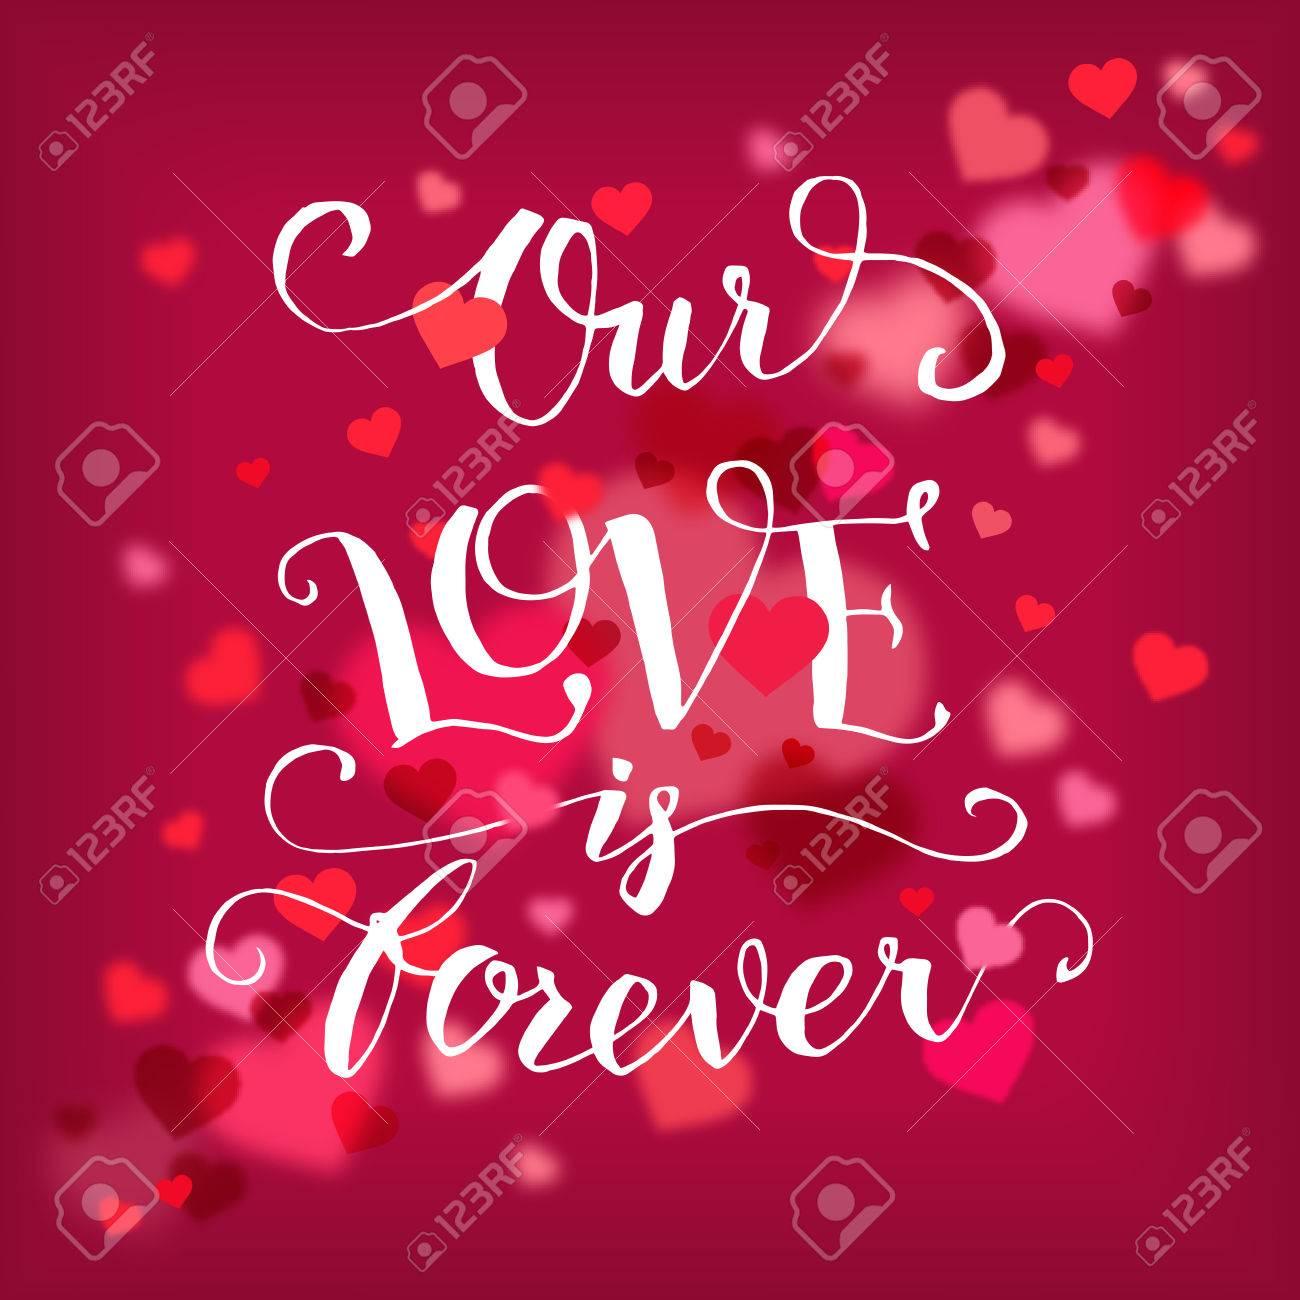 Unsere Liebe Ist Fur Immer Kalligraphie Zitat Von Hand Gezeichnet